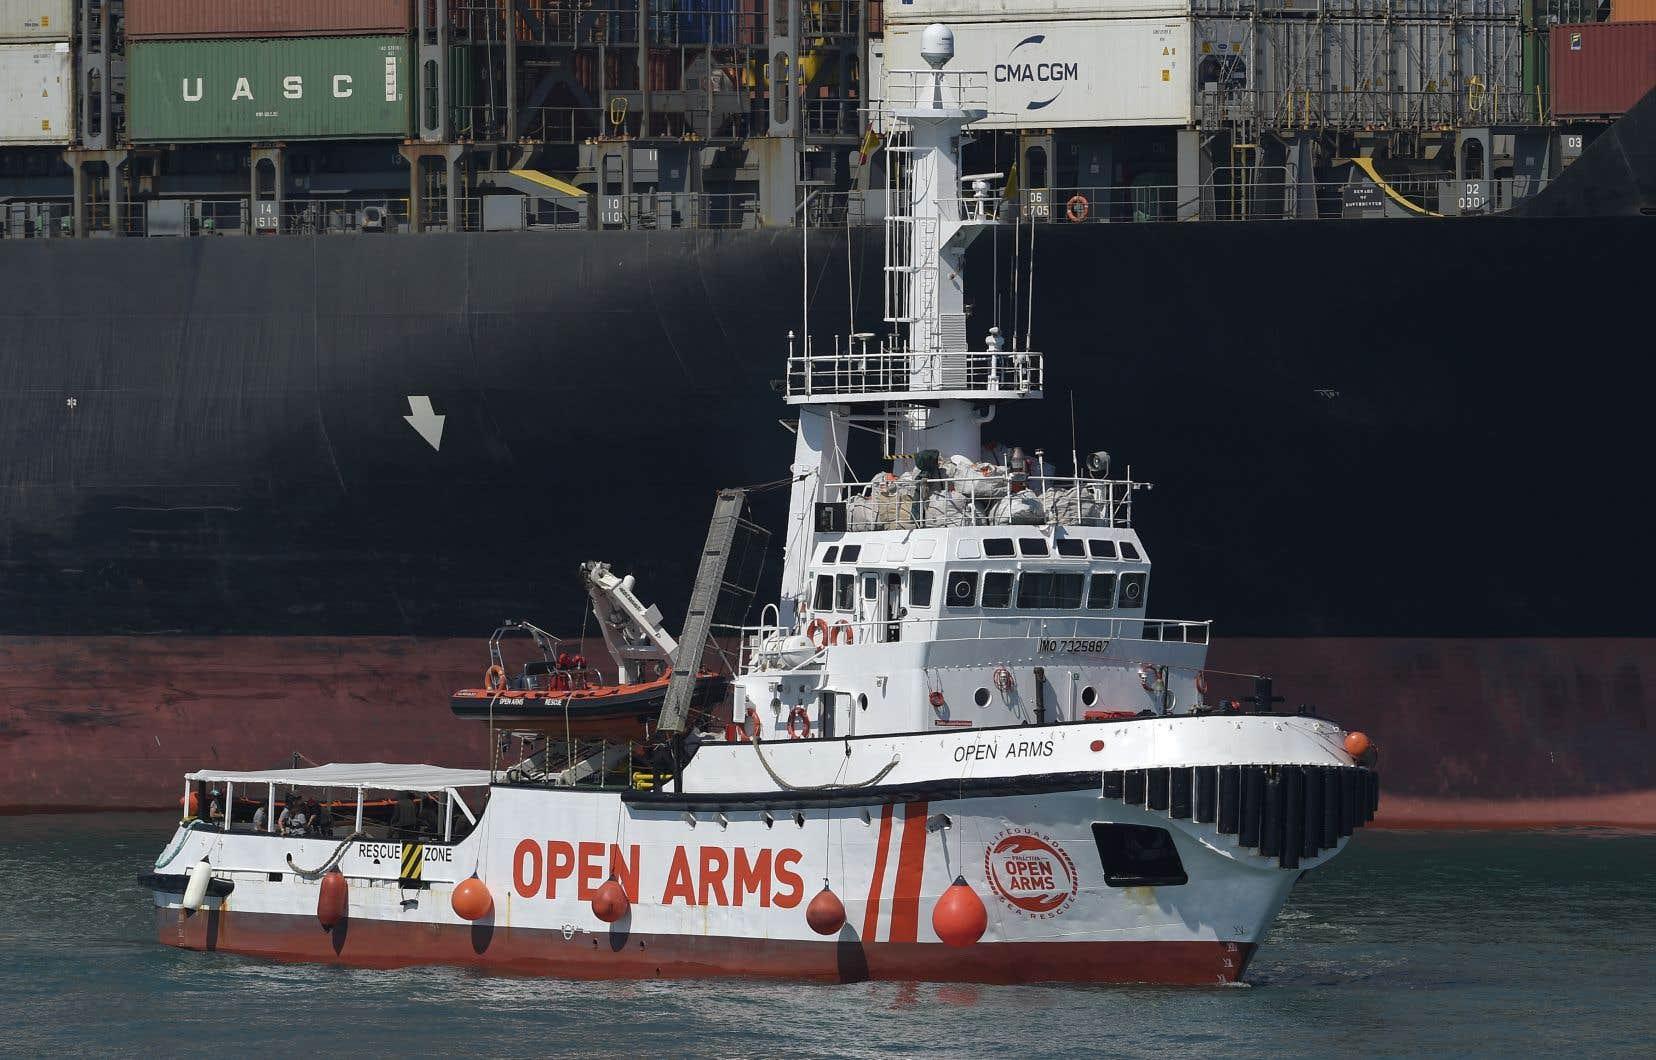 Le navire de sauvetage de l'ONG Proactiva Open Arms, transportant 60 migrants,a été forcé de se rendre au port de Barcelone après que l'Italie et Malte lui eurent refusé l'accès.